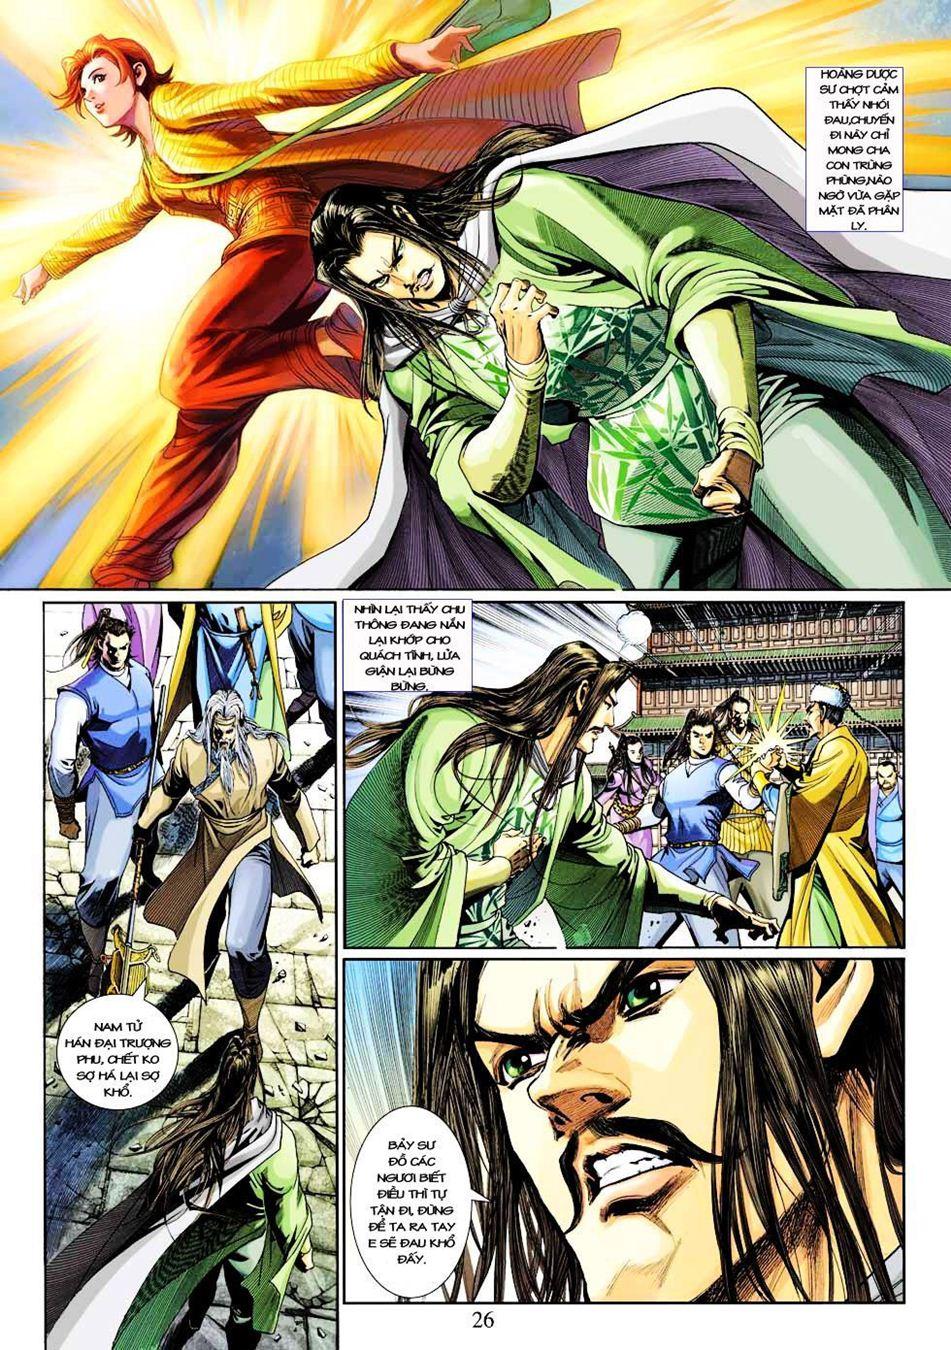 Anh Hùng Xạ Điêu anh hùng xạ đêu chap 33 trang 26